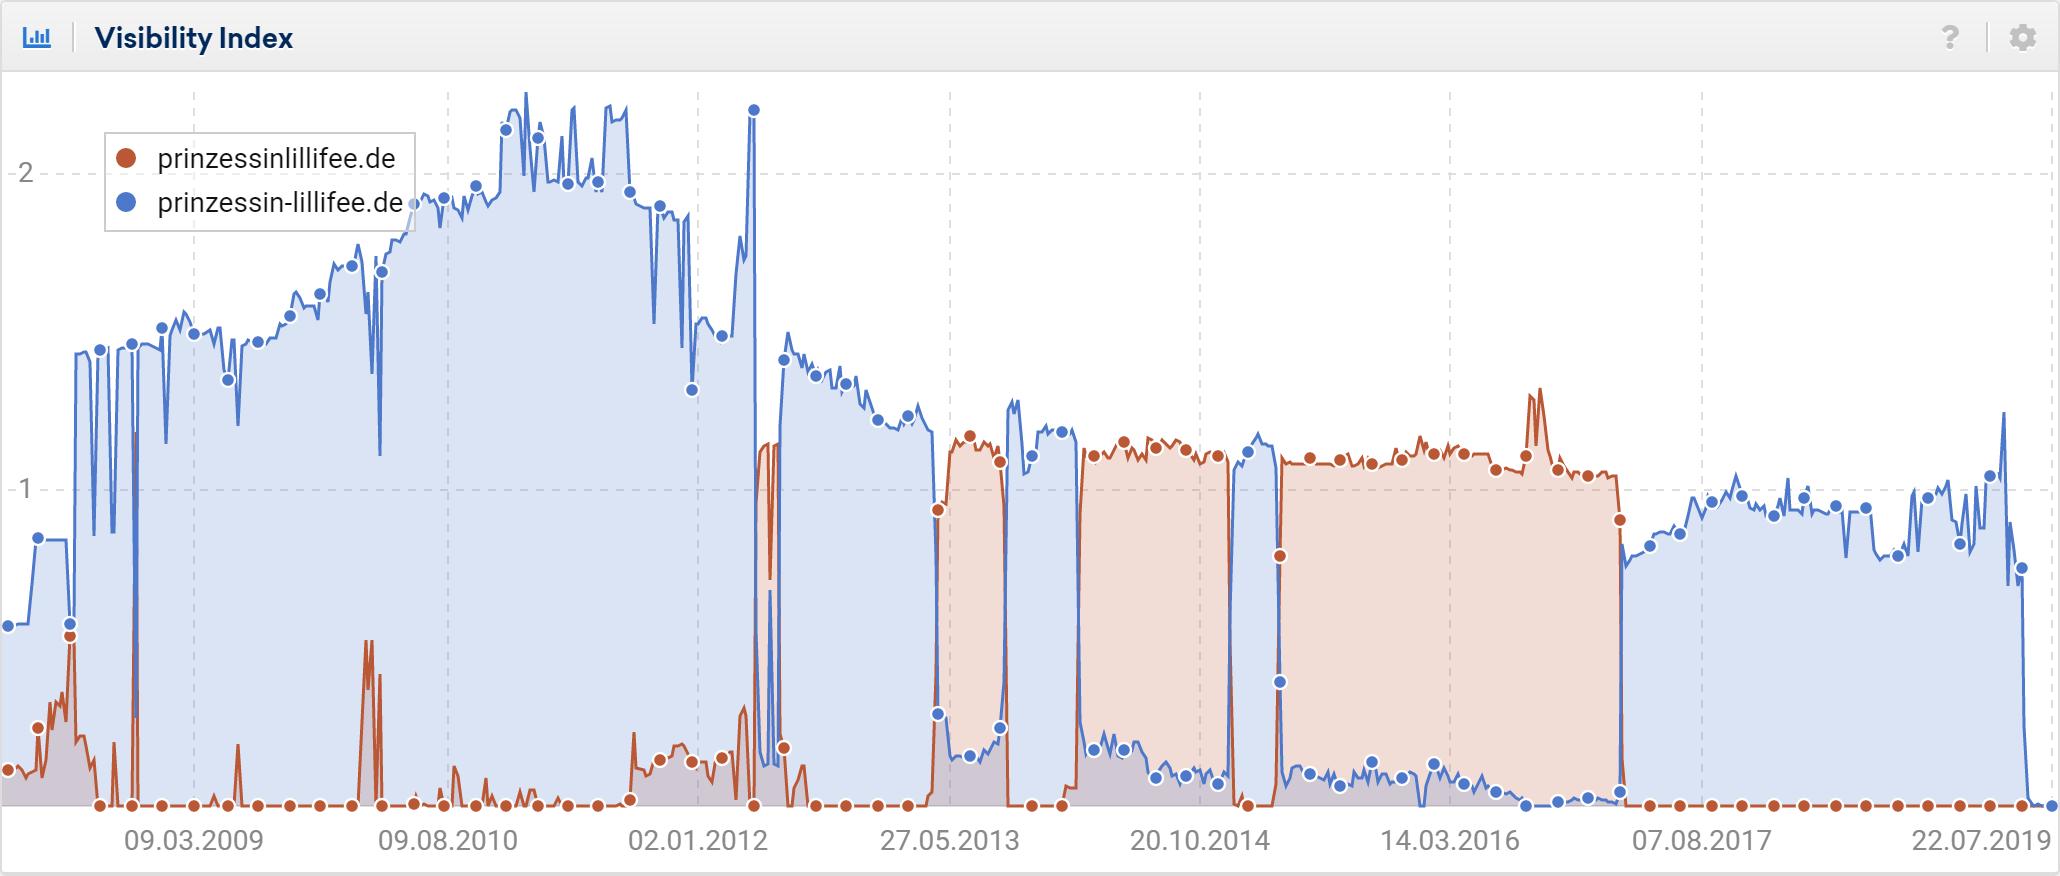 sistrix visibility graph showing duplicate domain content.